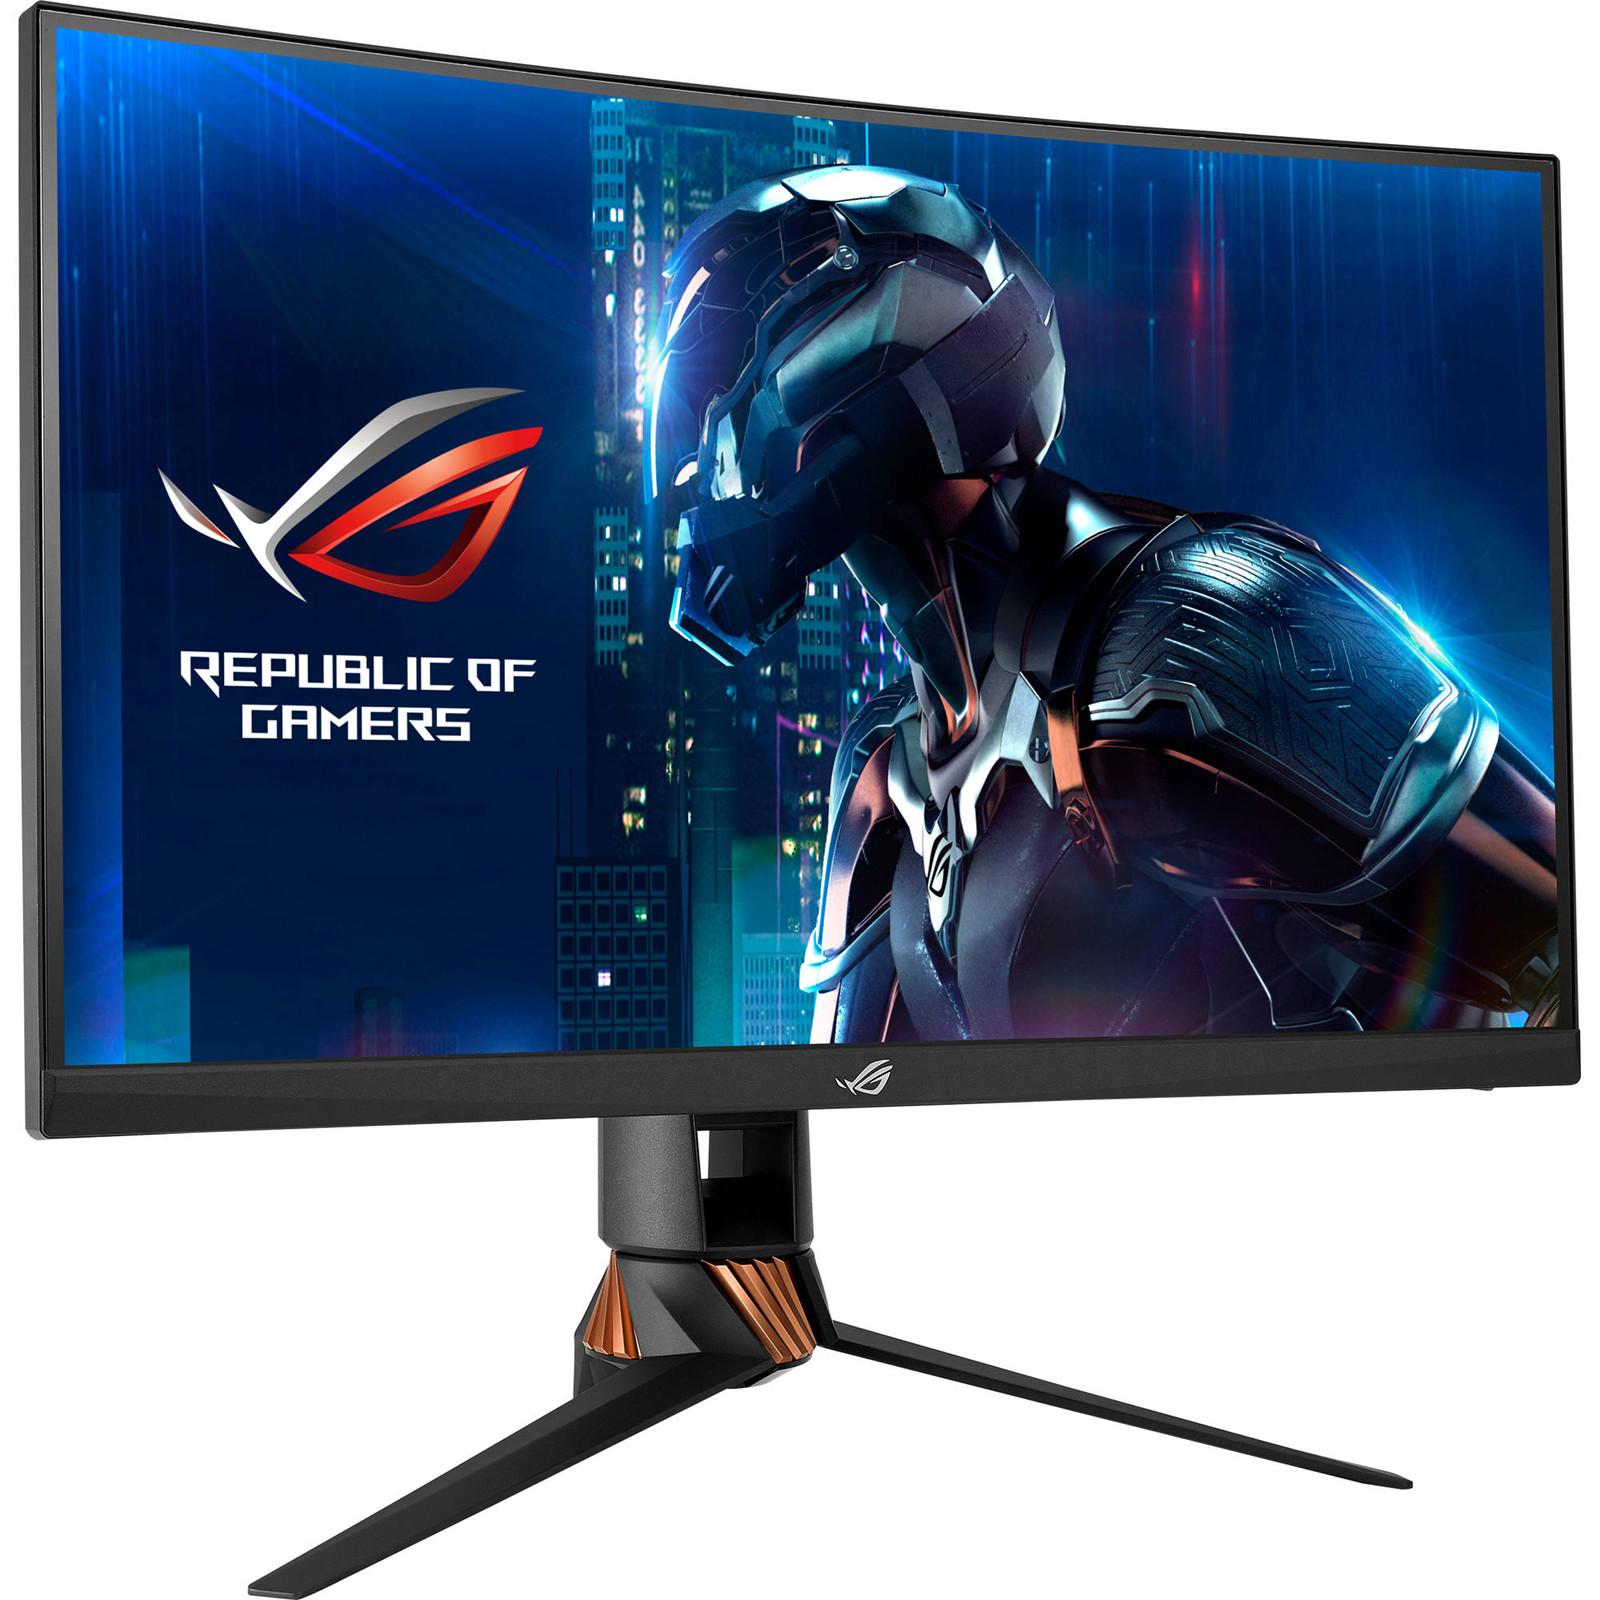 Roc Tech Monitor Asus Vc239h Eye Care Frameless 23 Full Hd Ips Speaker Tuv 180641 Rog Swift Pg27vq